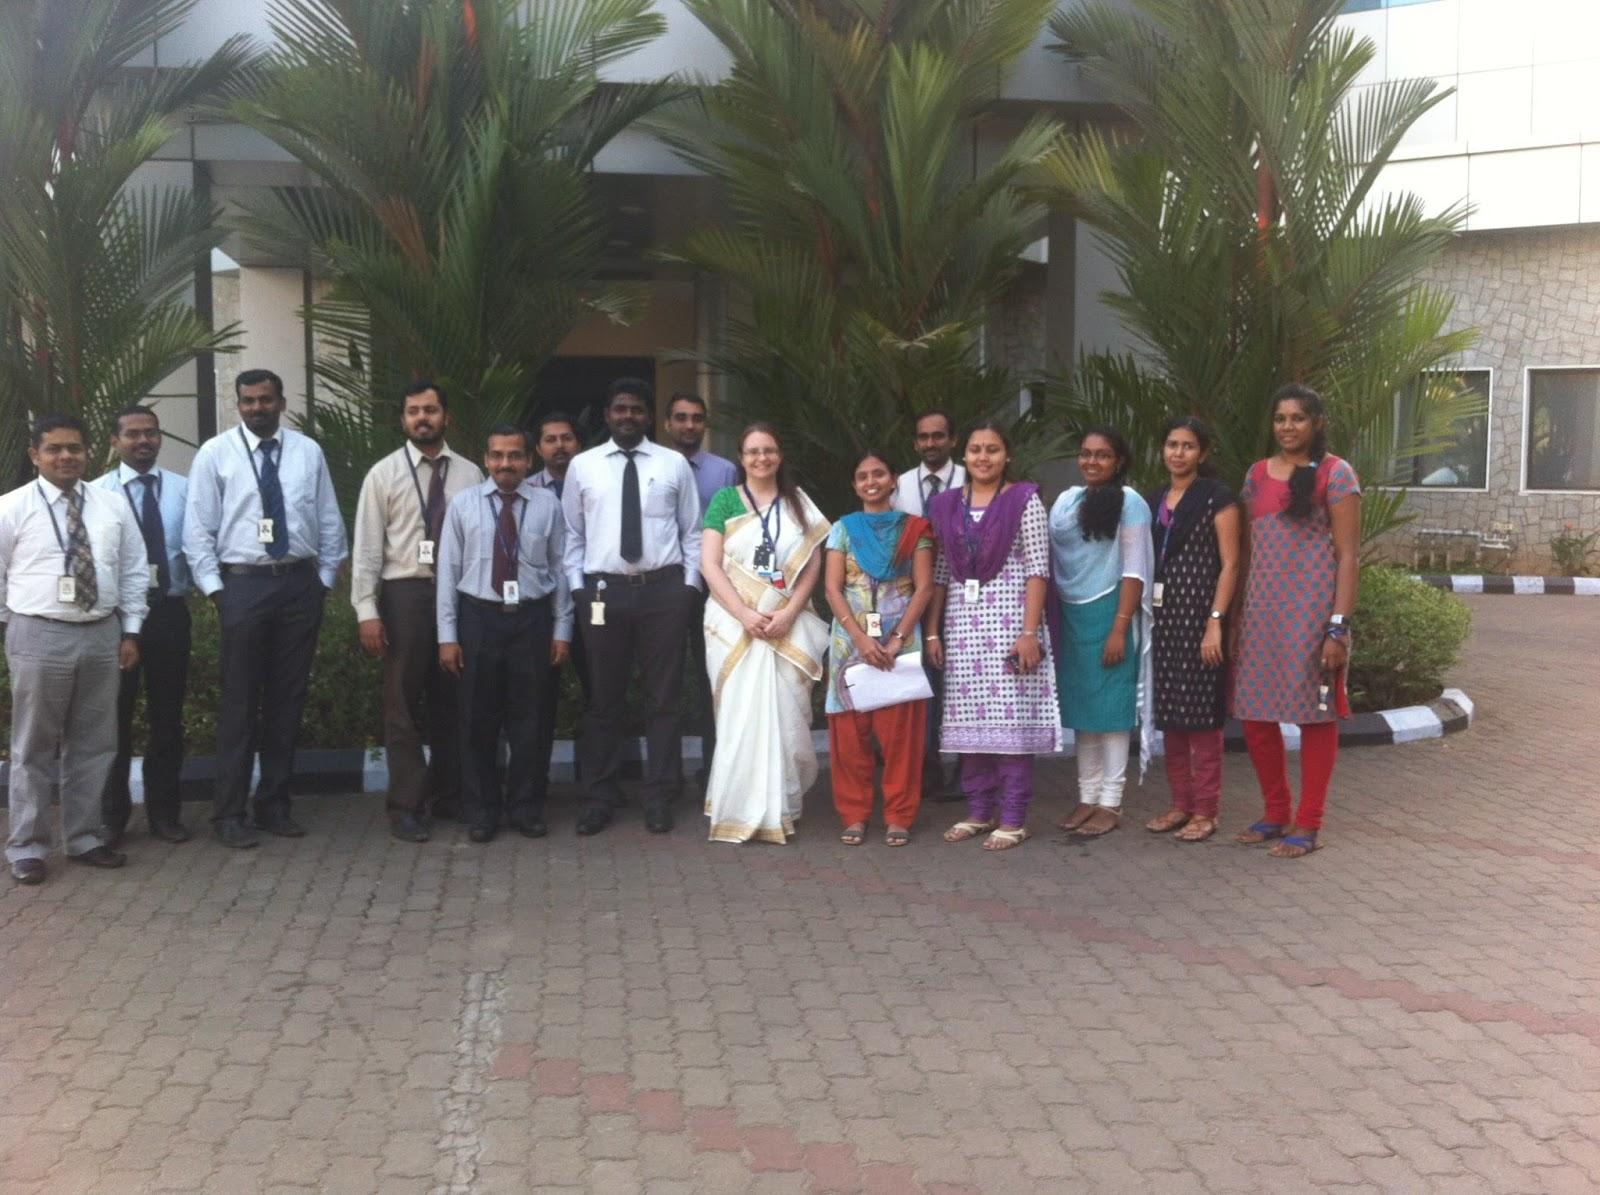 US Culture Basics for Rapport Building Kochi, 100 participants (Kochi, Trivandrum)